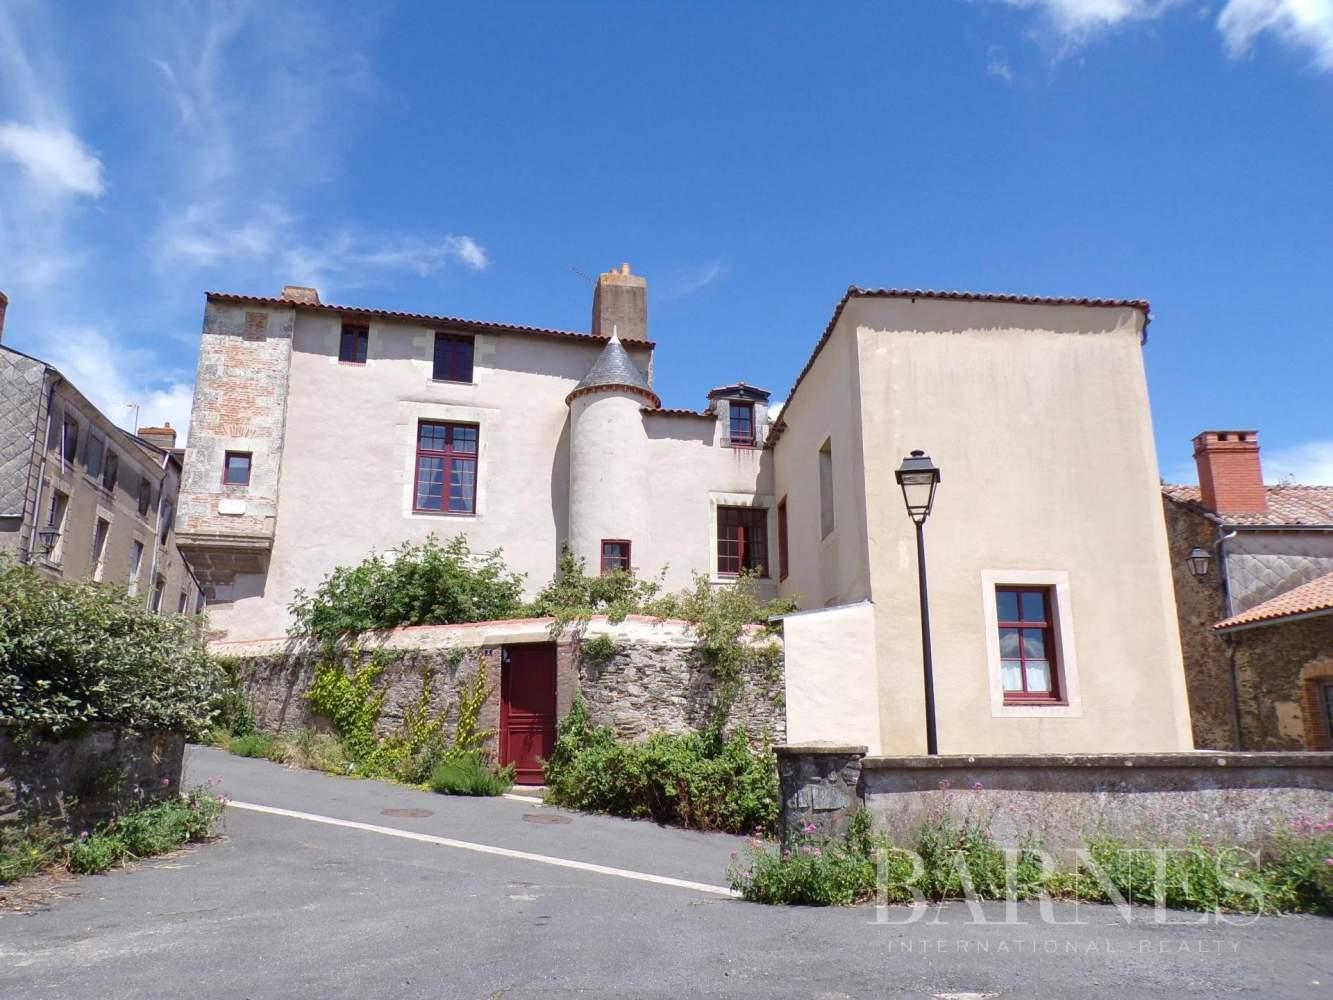 Beaupréau-en-Mauges  - Maison 15 Pièces - picture 2